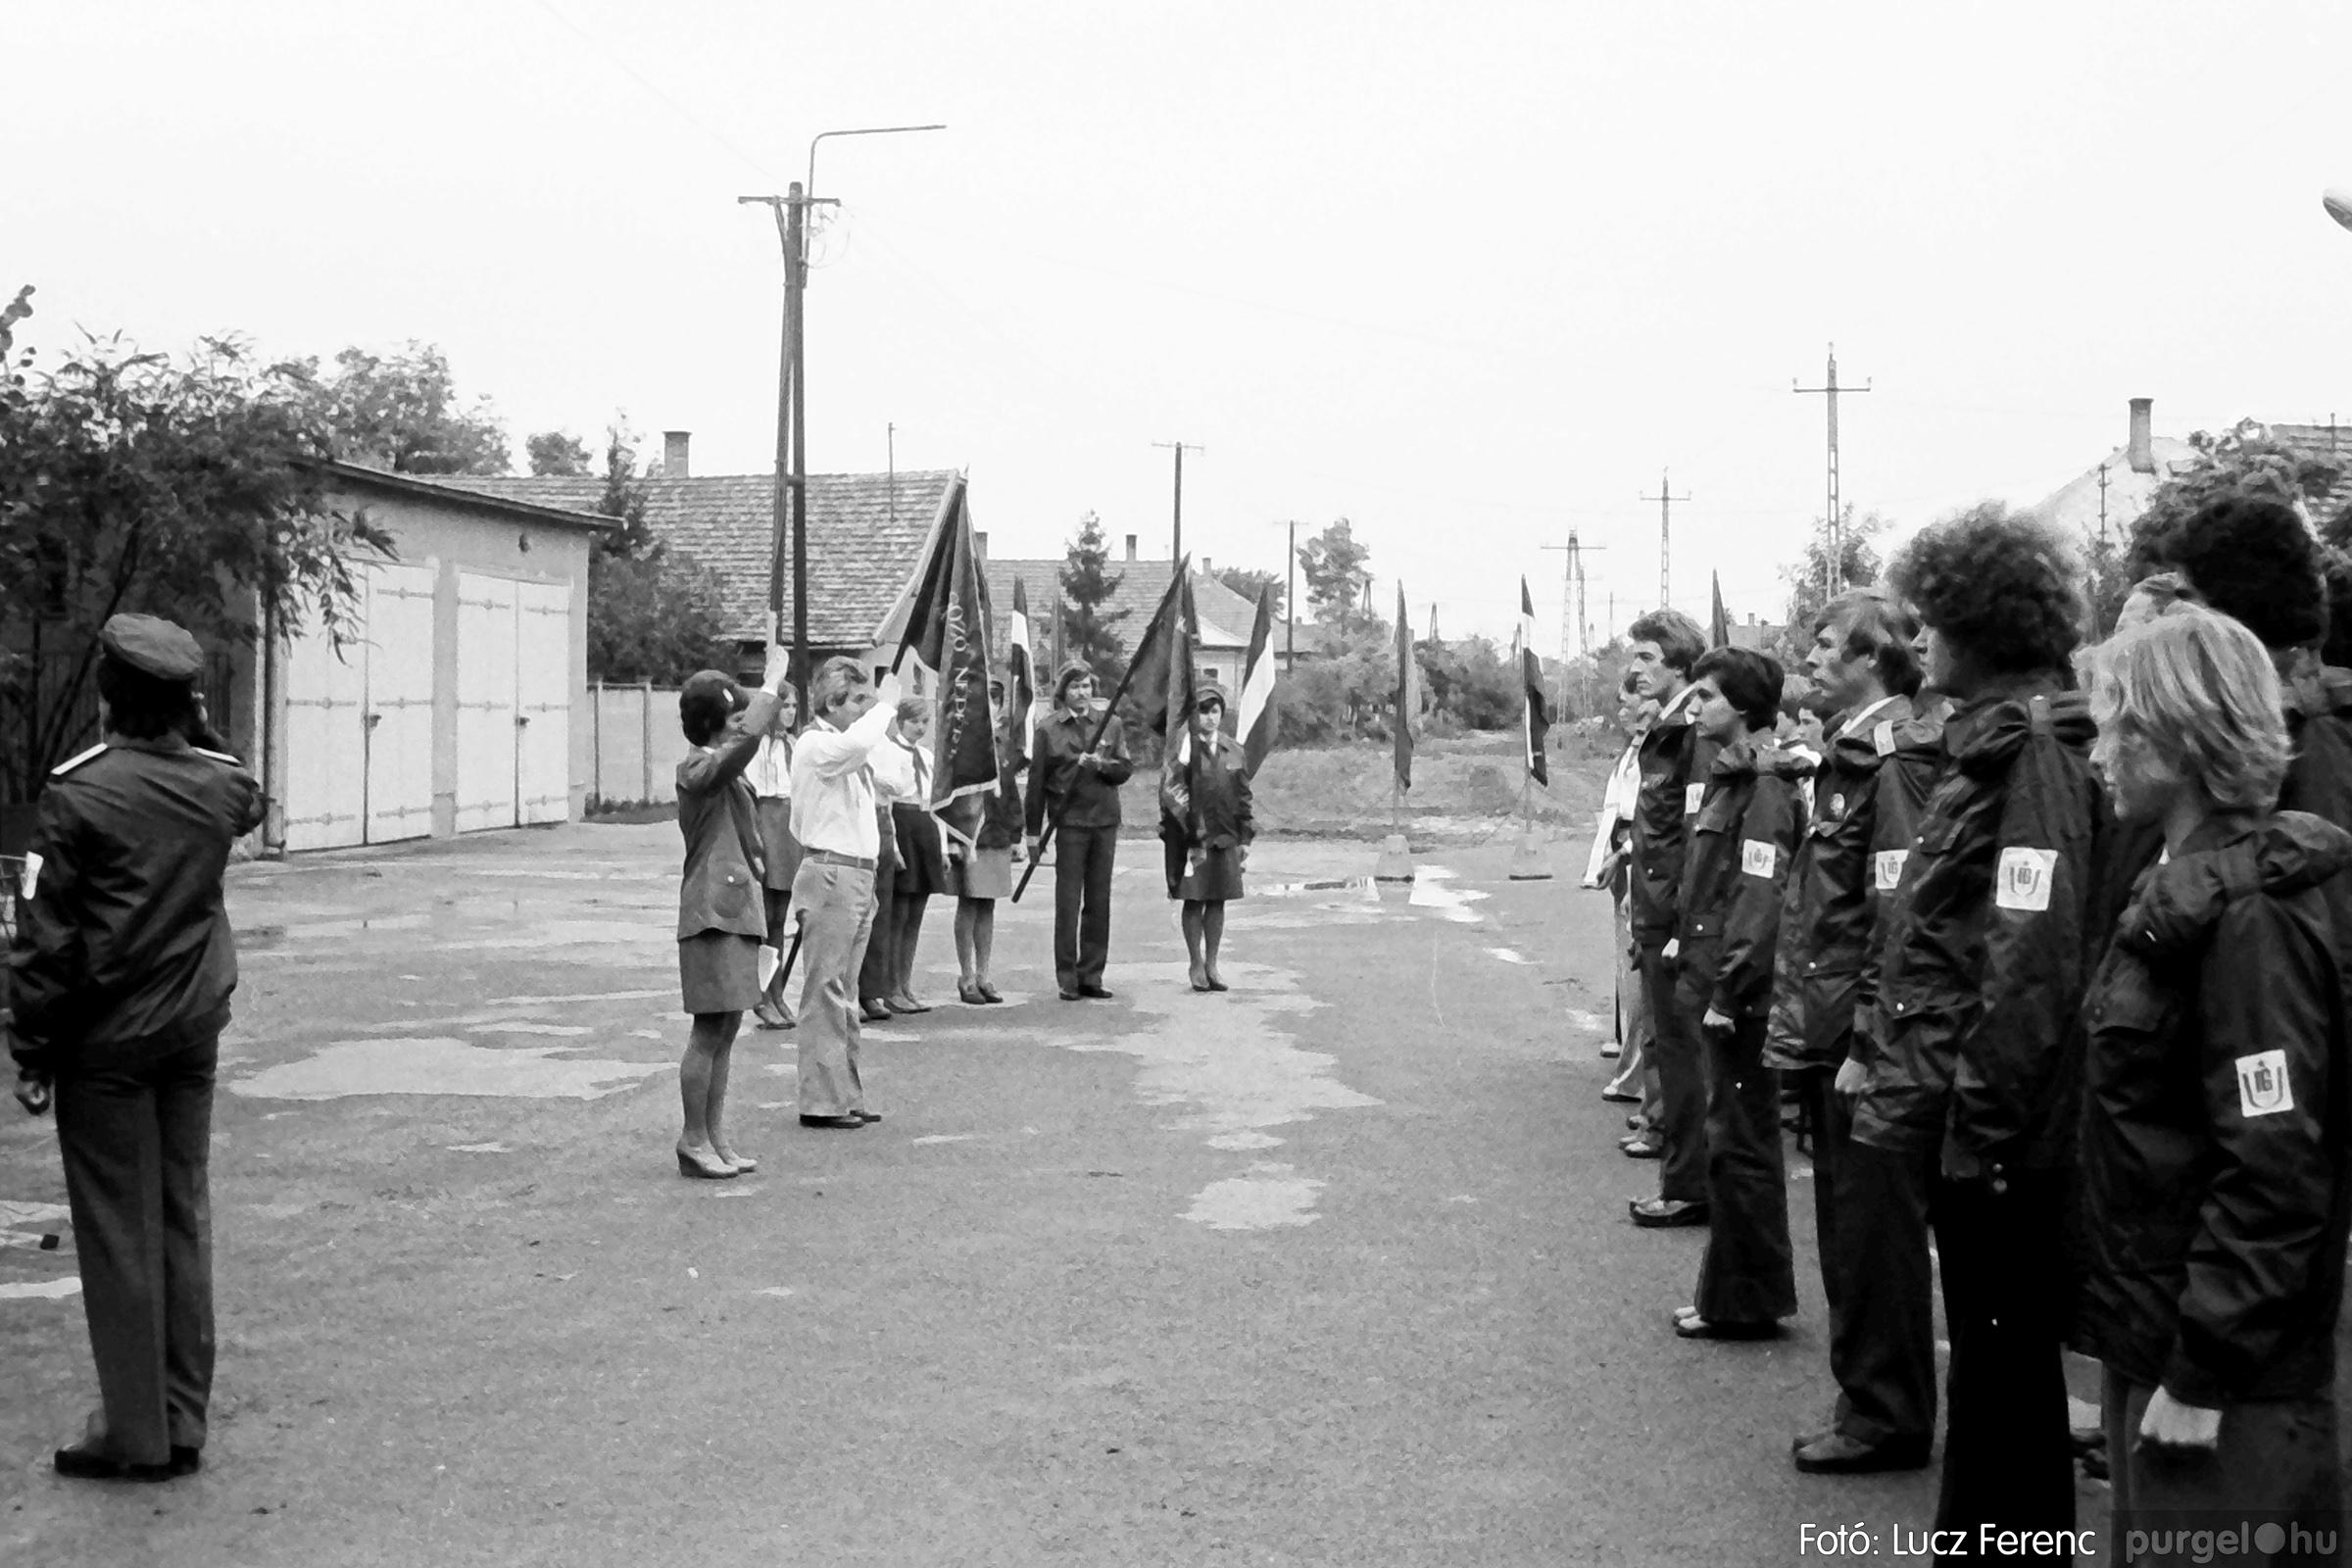 090. 1977. Úttörő gárda - ifjú gárda seregszemle 017. - Fotó: Lucz Ferenc.jpg